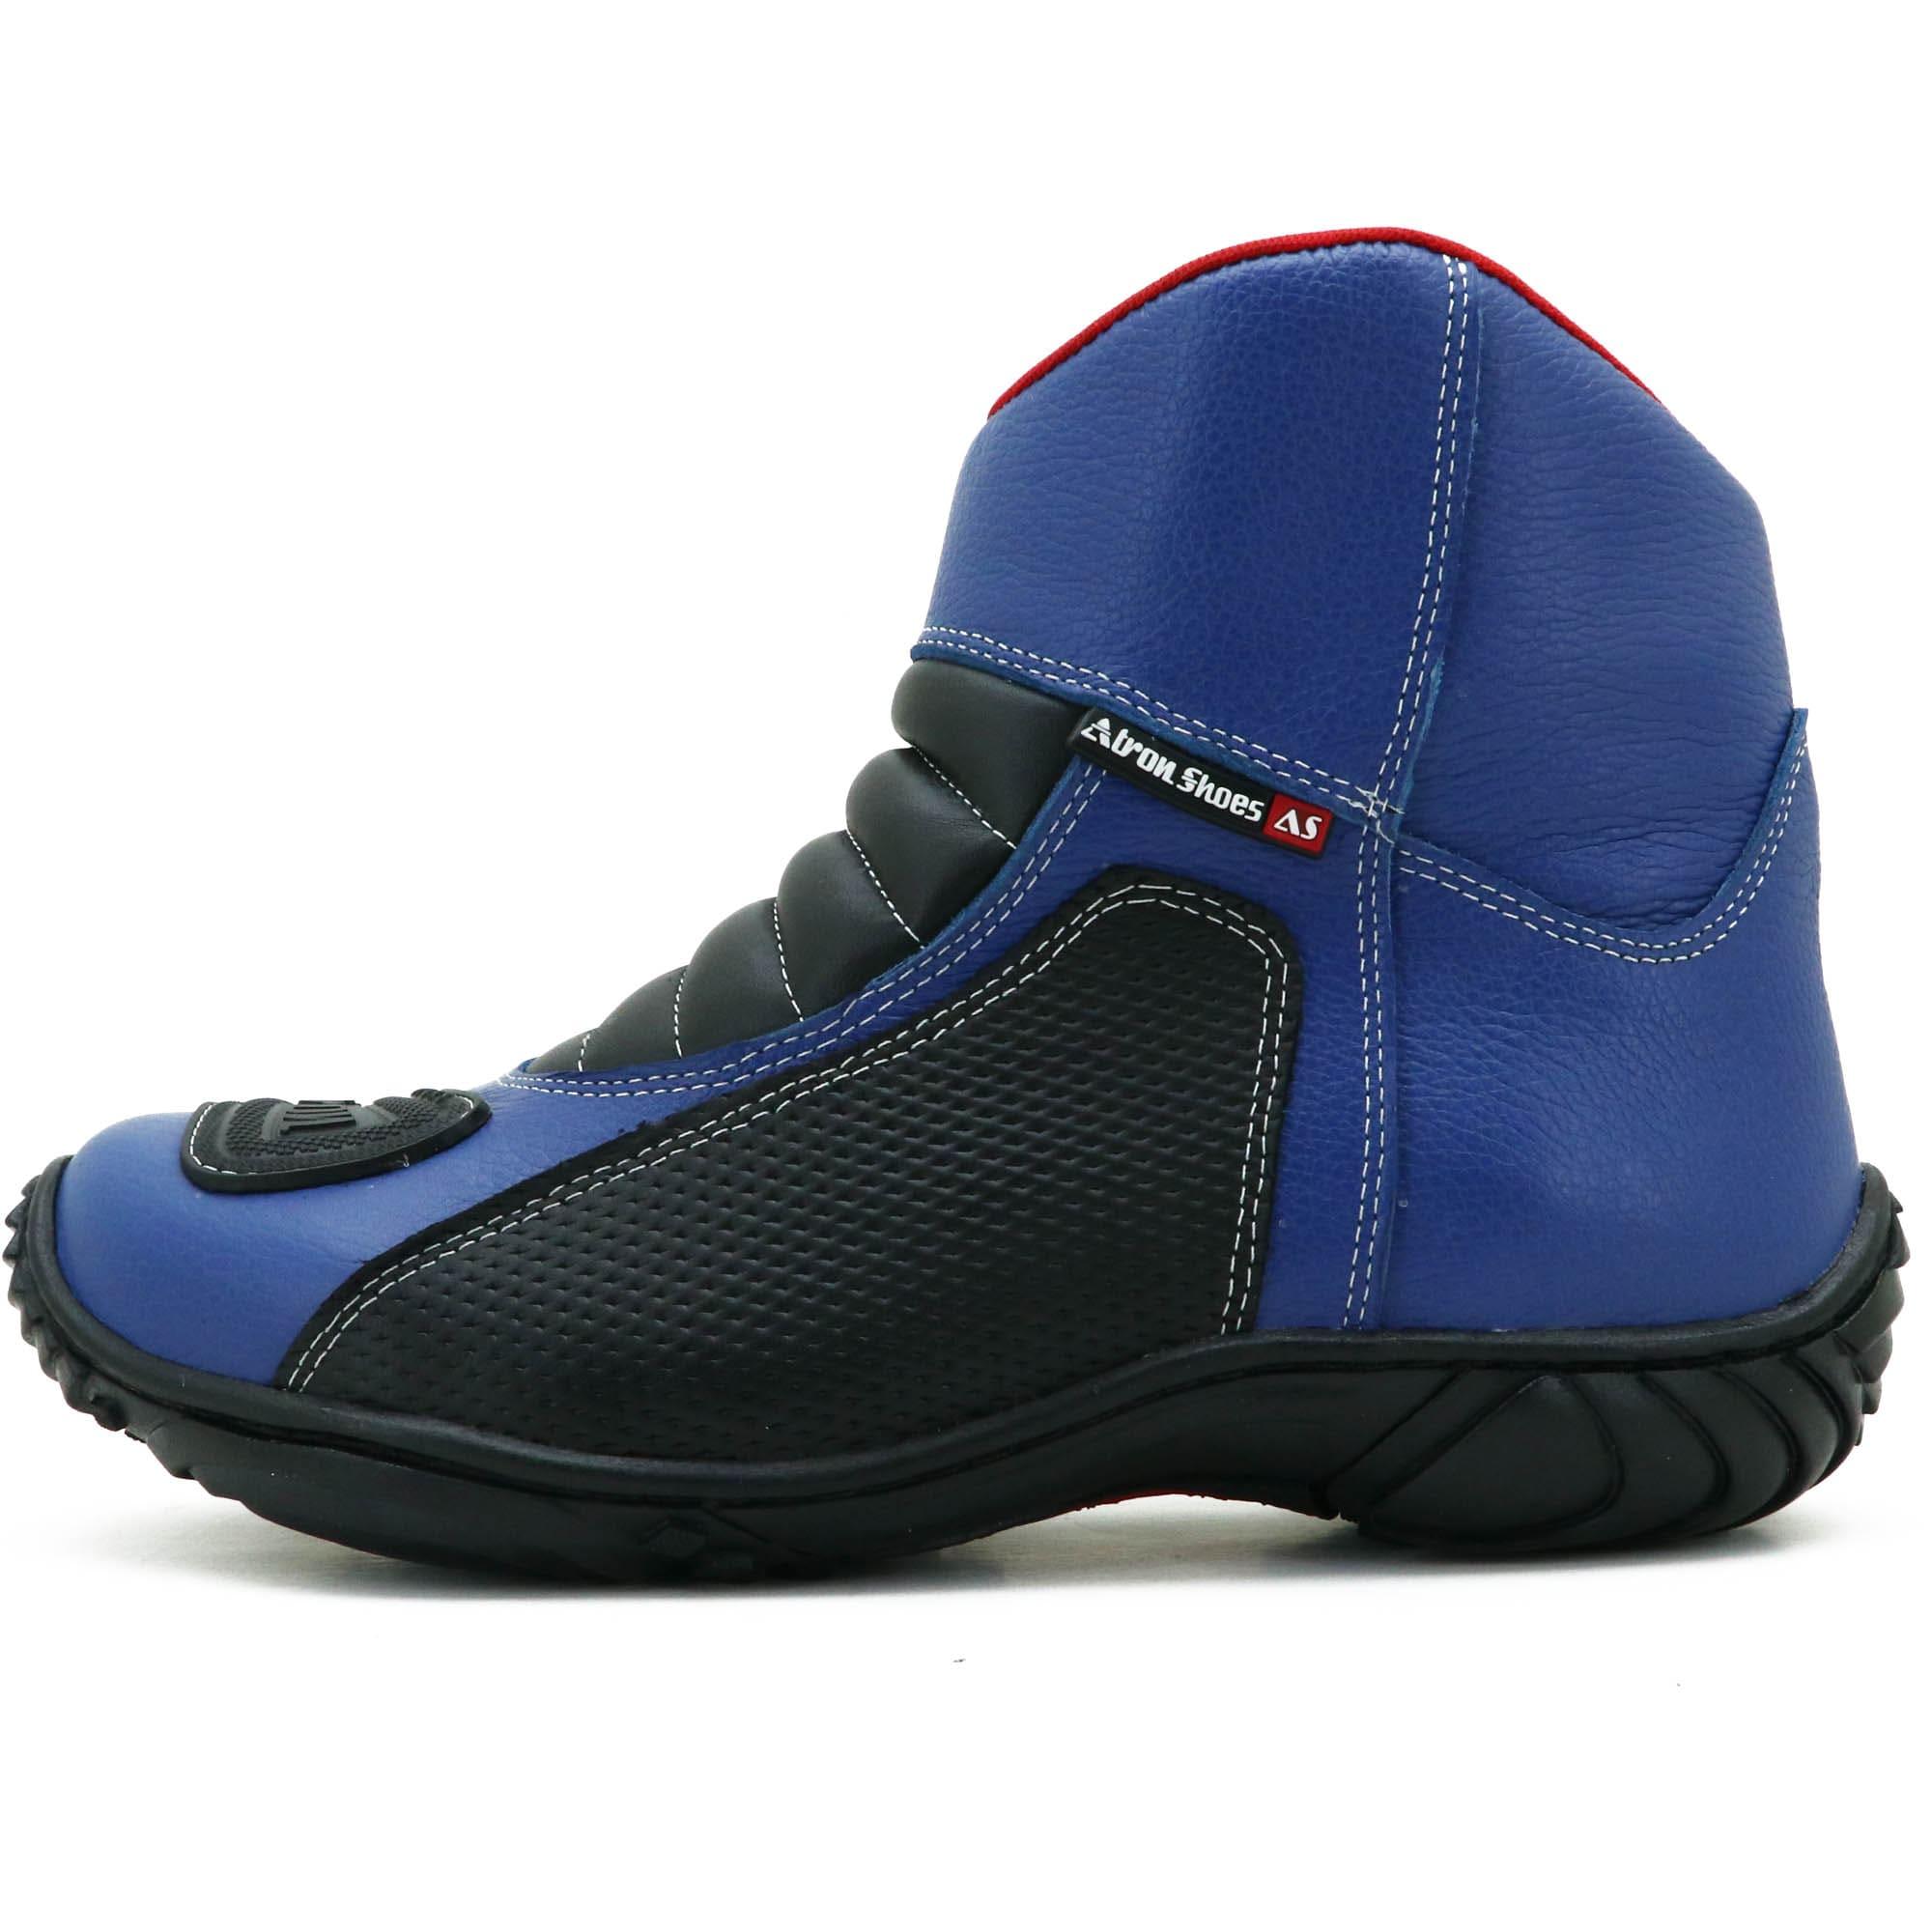 Bota motociclista azul semi impermeável de couro legítimo 305